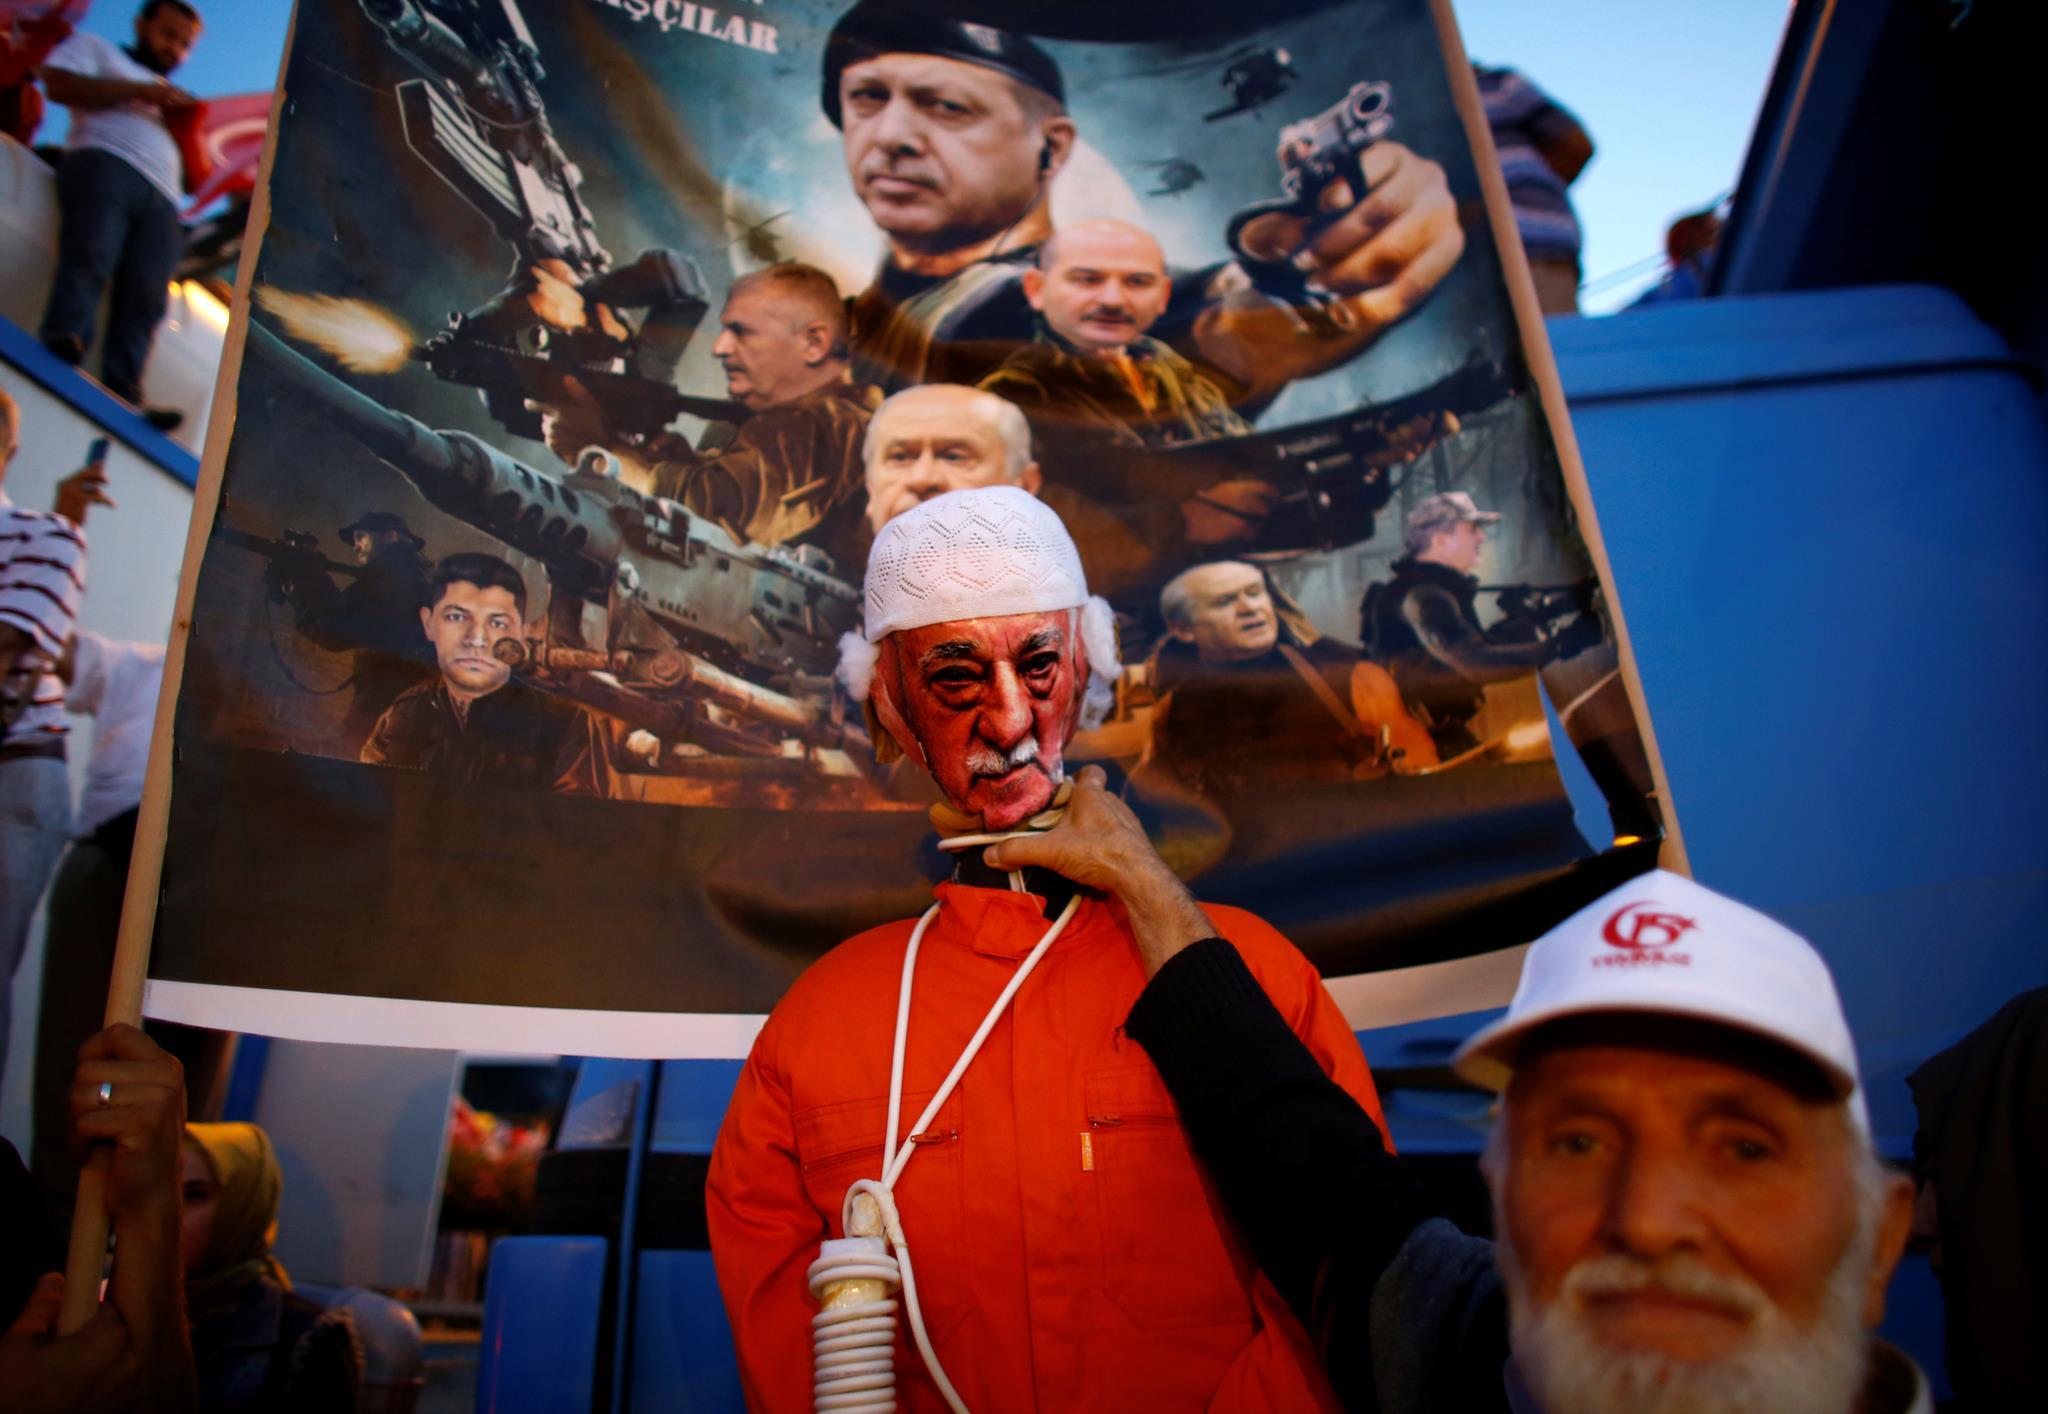 Um homem exibe um boneco que pretende ser a representação de Fethullah Gulen, o clérigo turco que vive nos EUA e que segundo Ancara é o responsável pelo golpe falhado